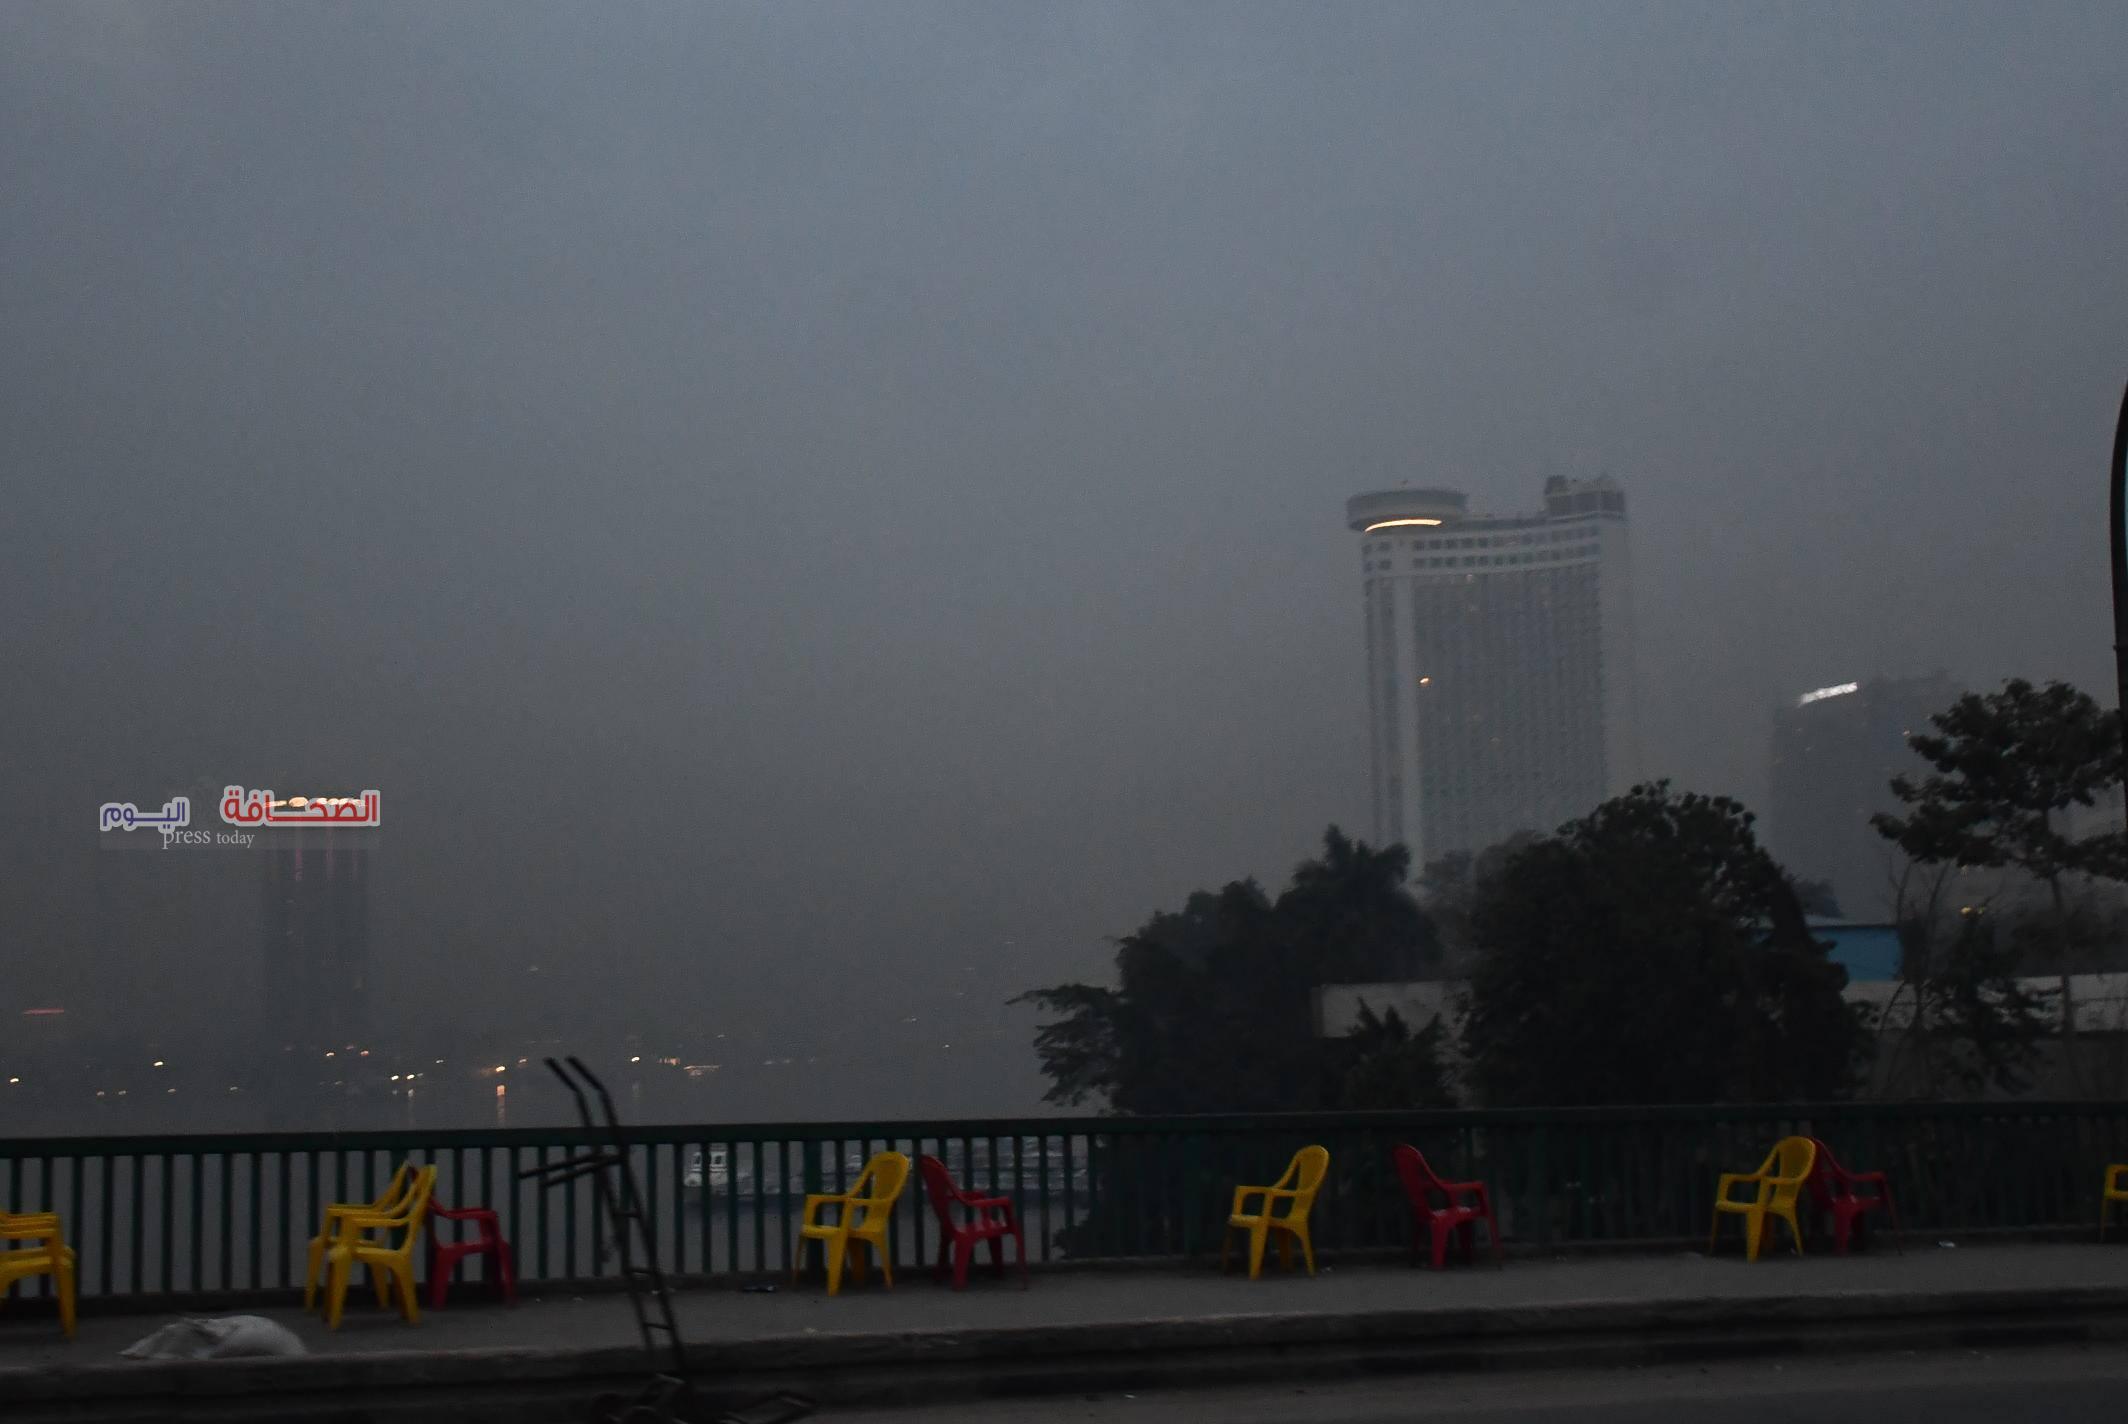 بالصور .. عاصفة ترابية تحجب الرؤية فى سماء القاهرة